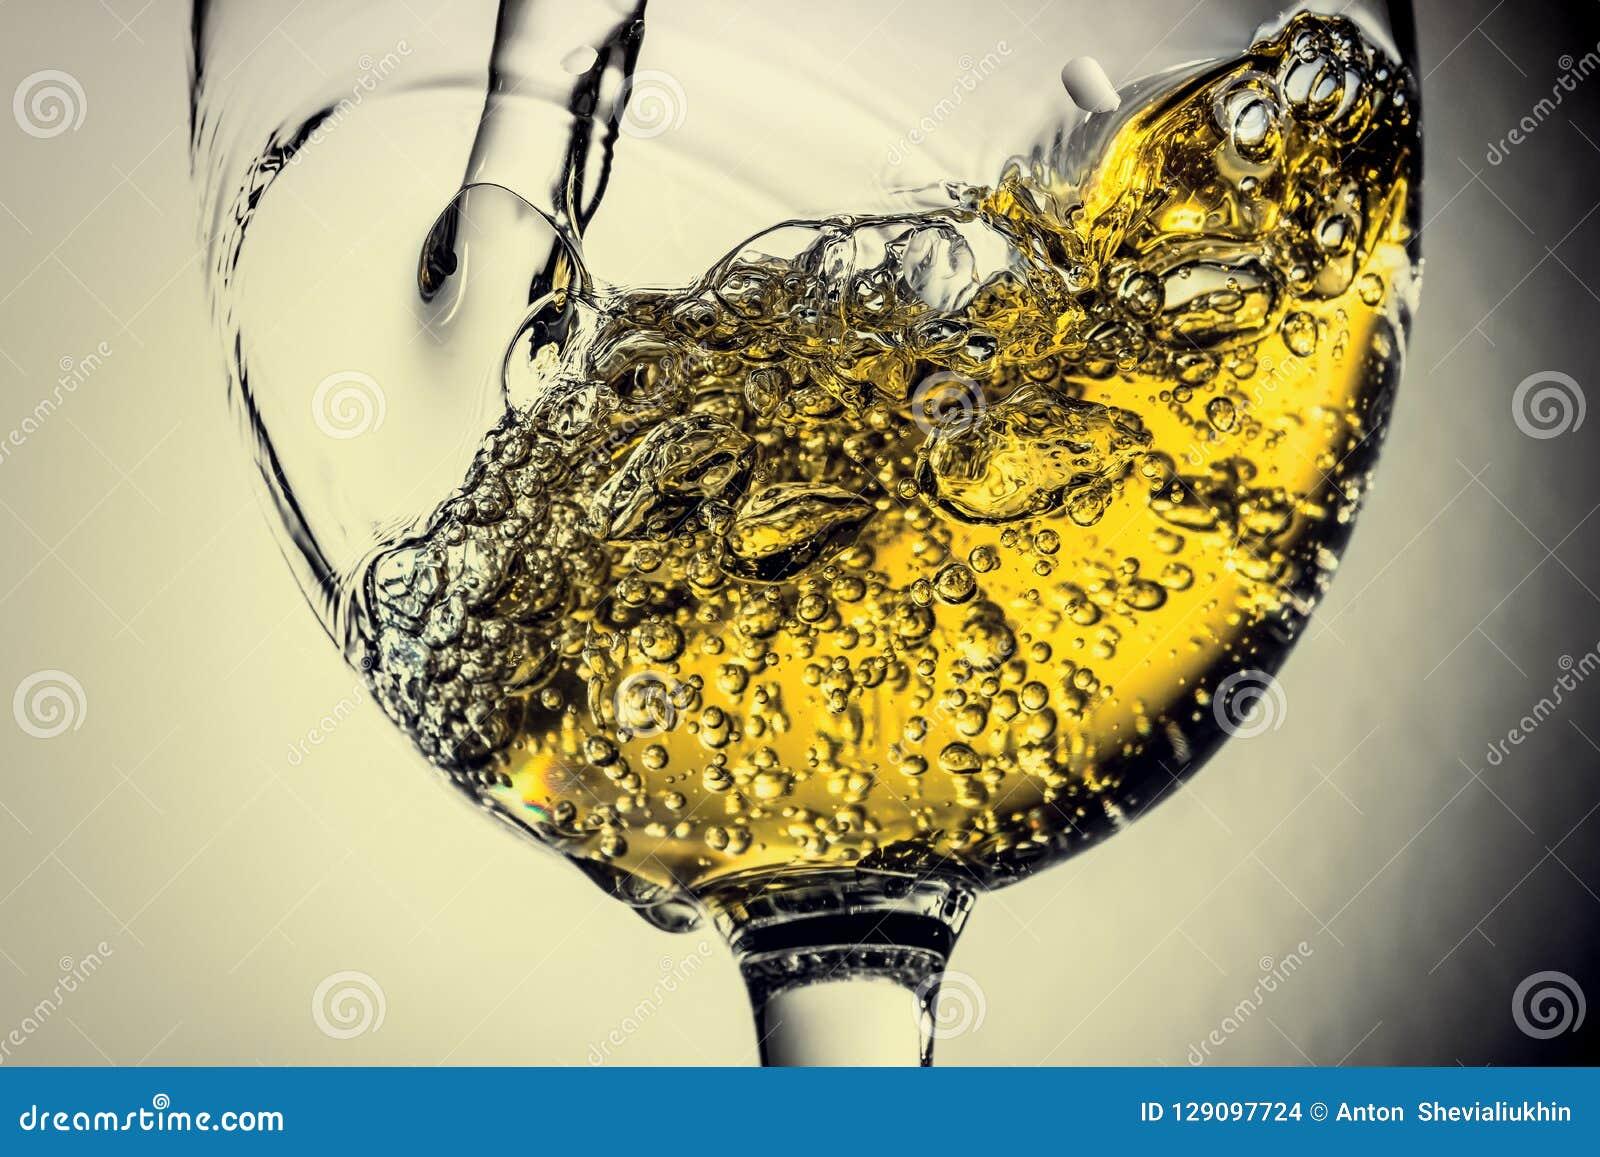 Stroom van het witte wijn gieten in een glas, het witte close-up van de wijnplons Zwart-witte foto met kleur van wijn